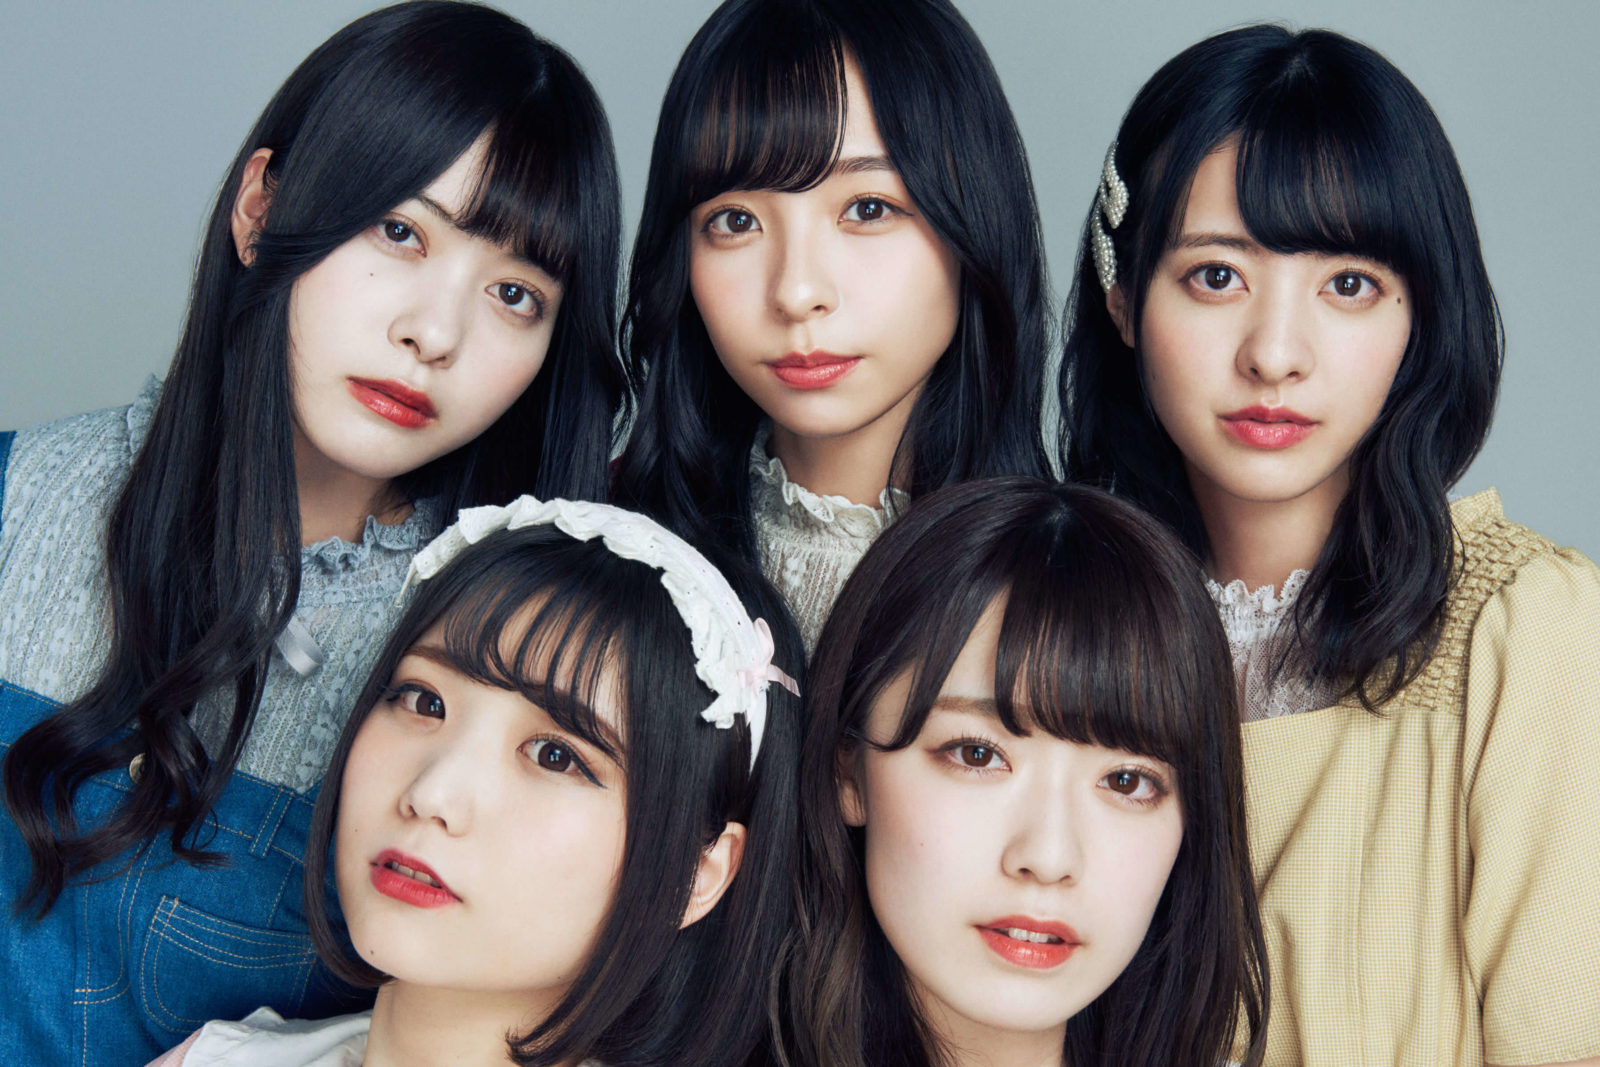 神宿、LOVELESSとのコラボで5周年記念限定Tシャツをリリースサムネイル画像!